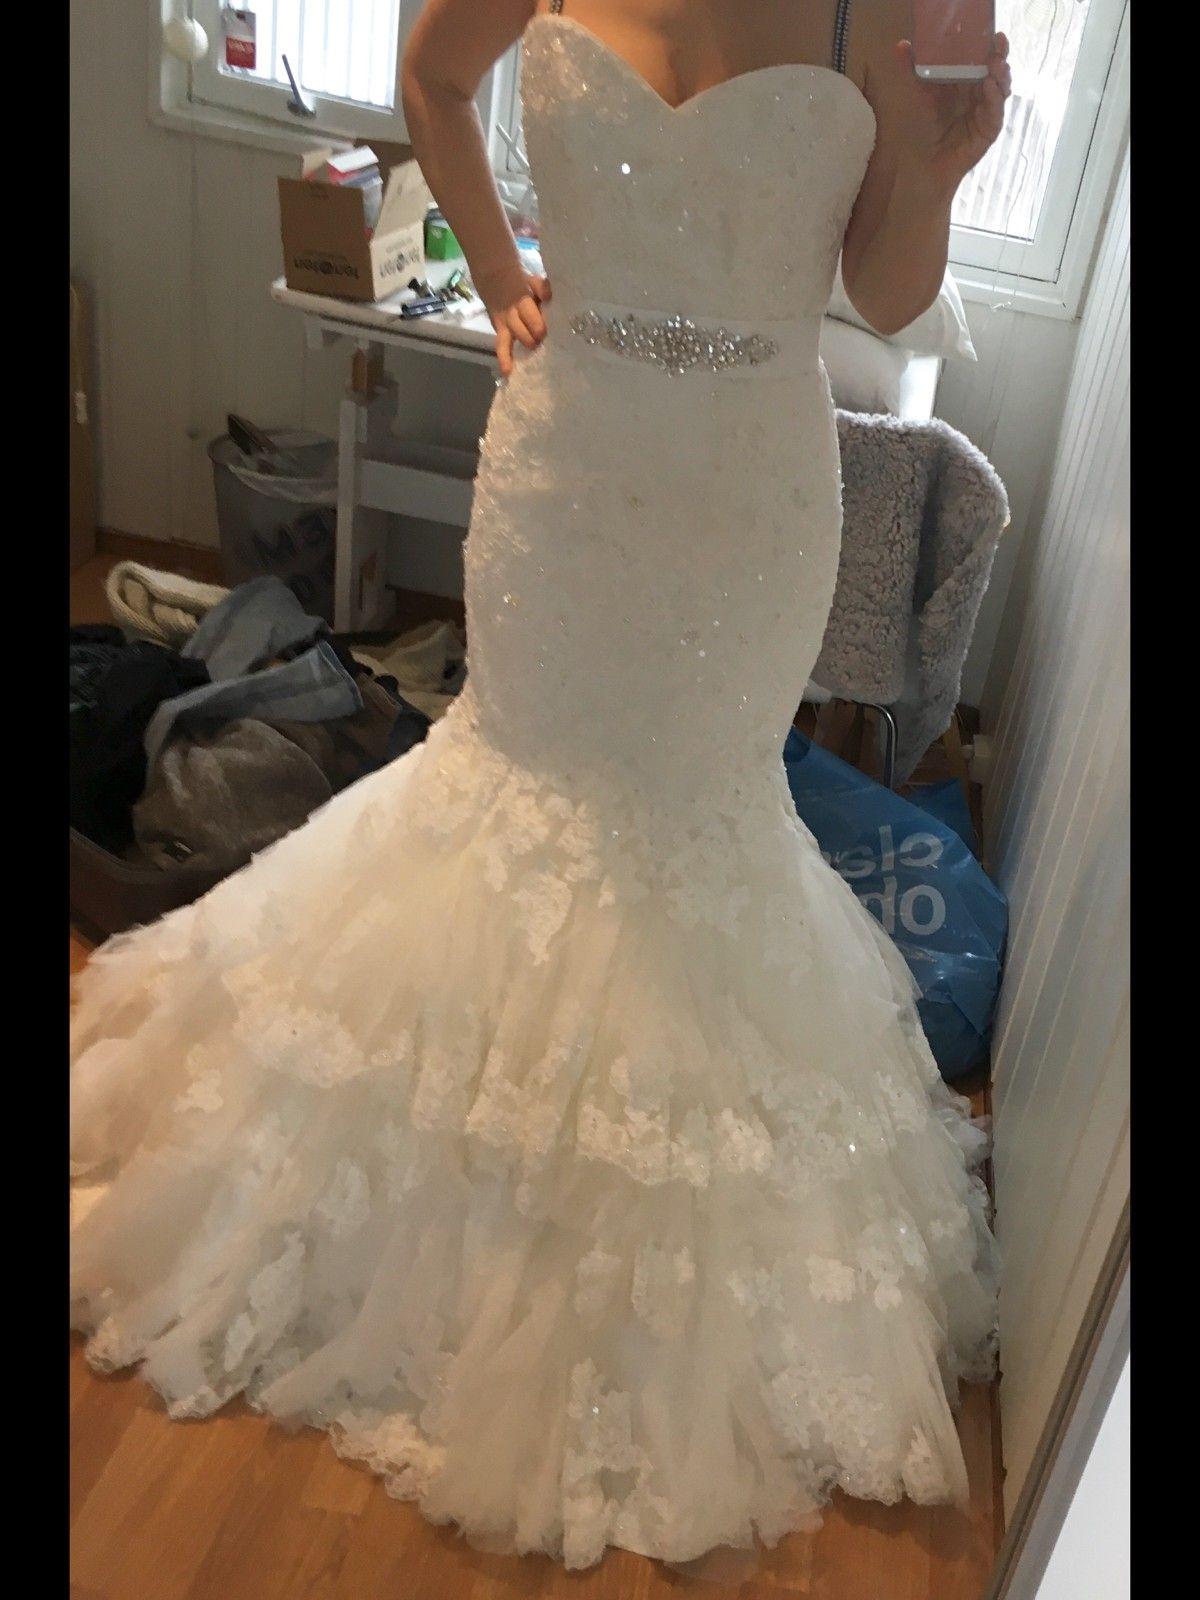 e7d6938f5df9 Vakker brudekjole